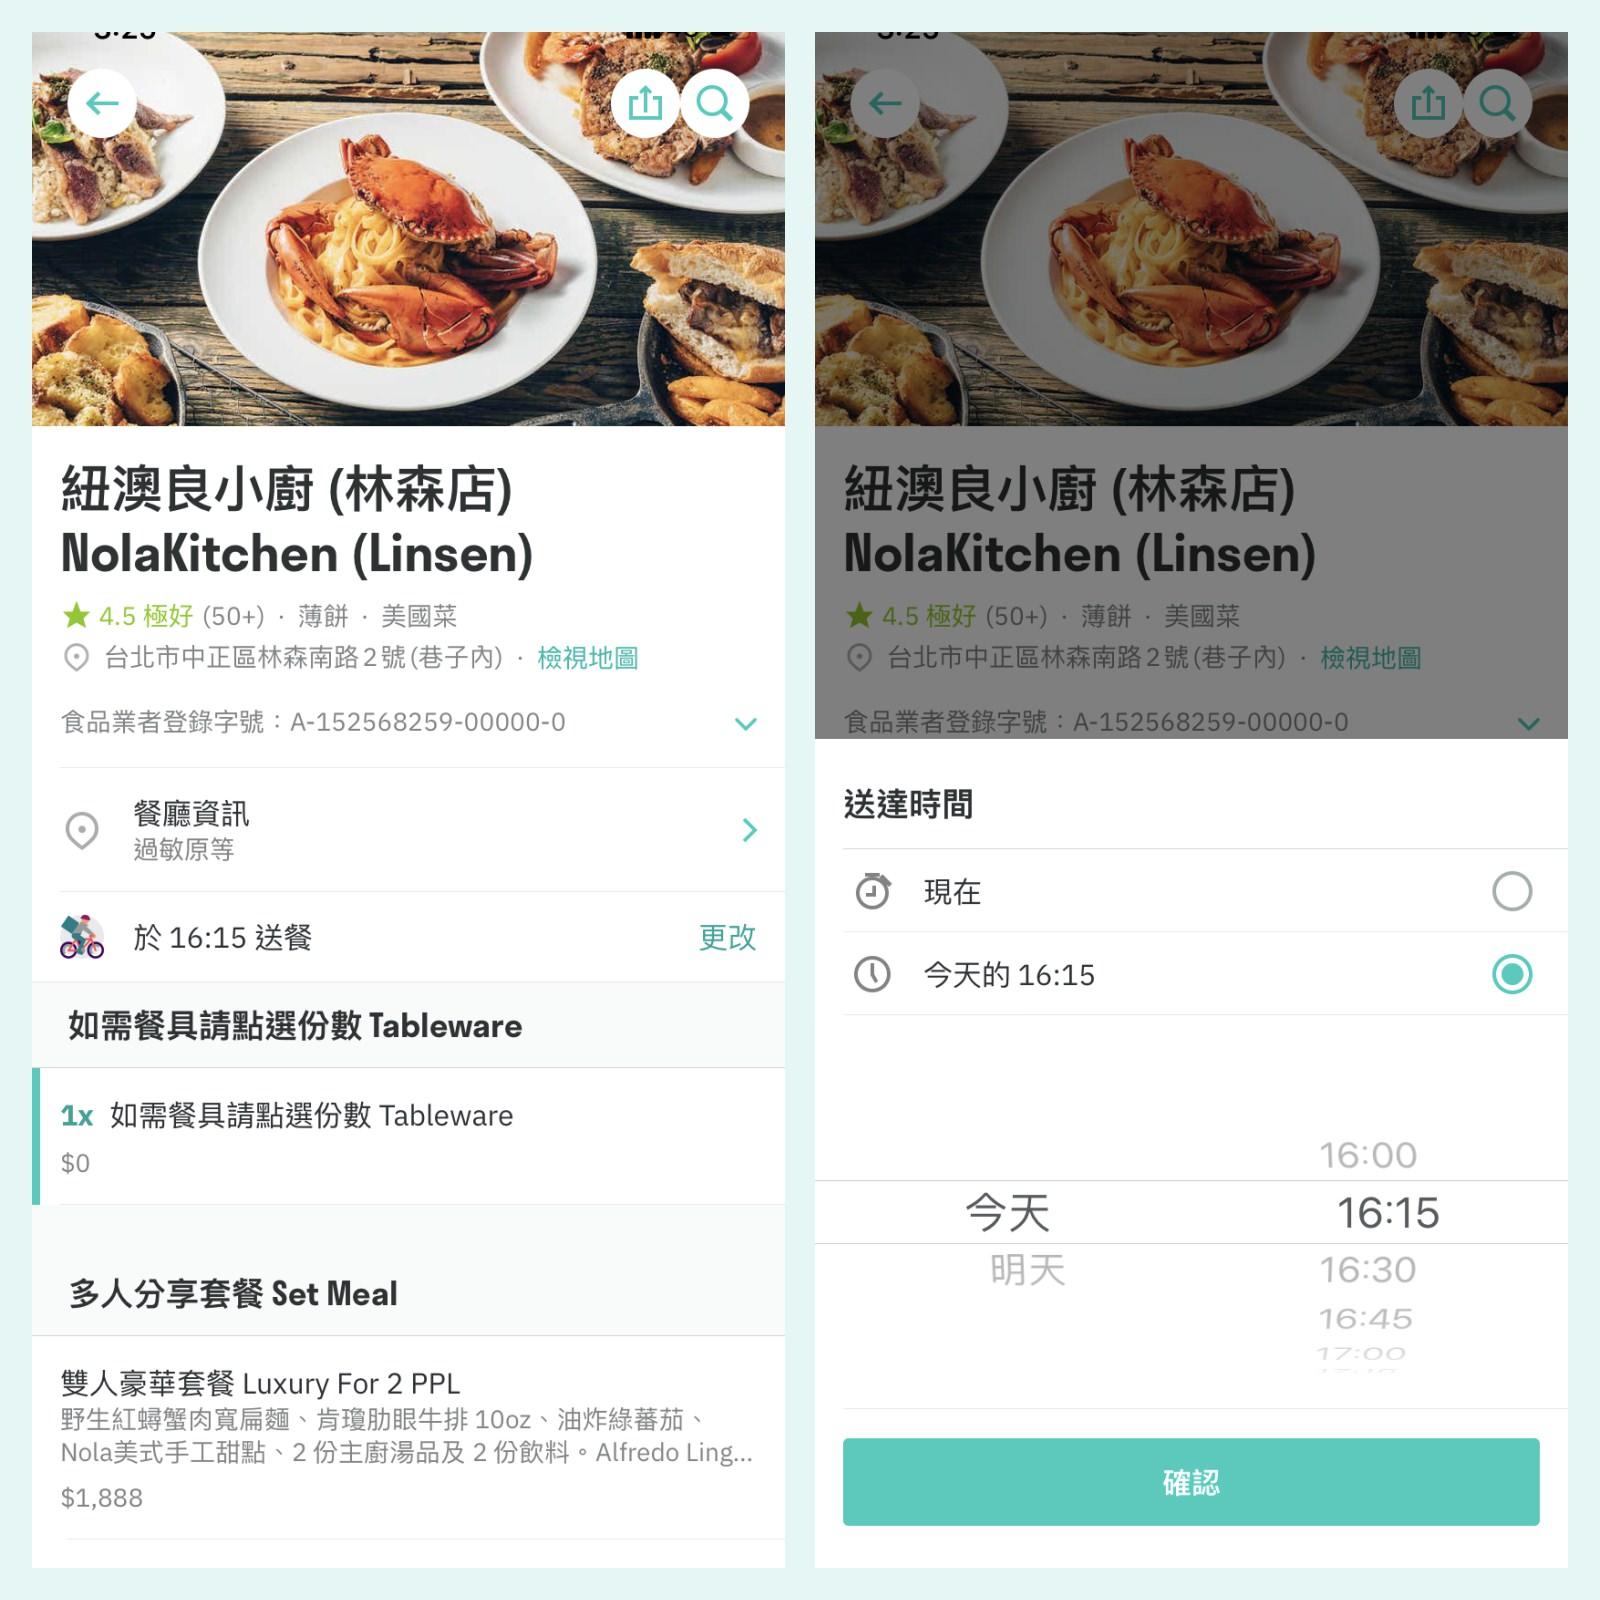 戶戶送 Deliveroo 美食外送平台 平均 26 分鐘火速到府